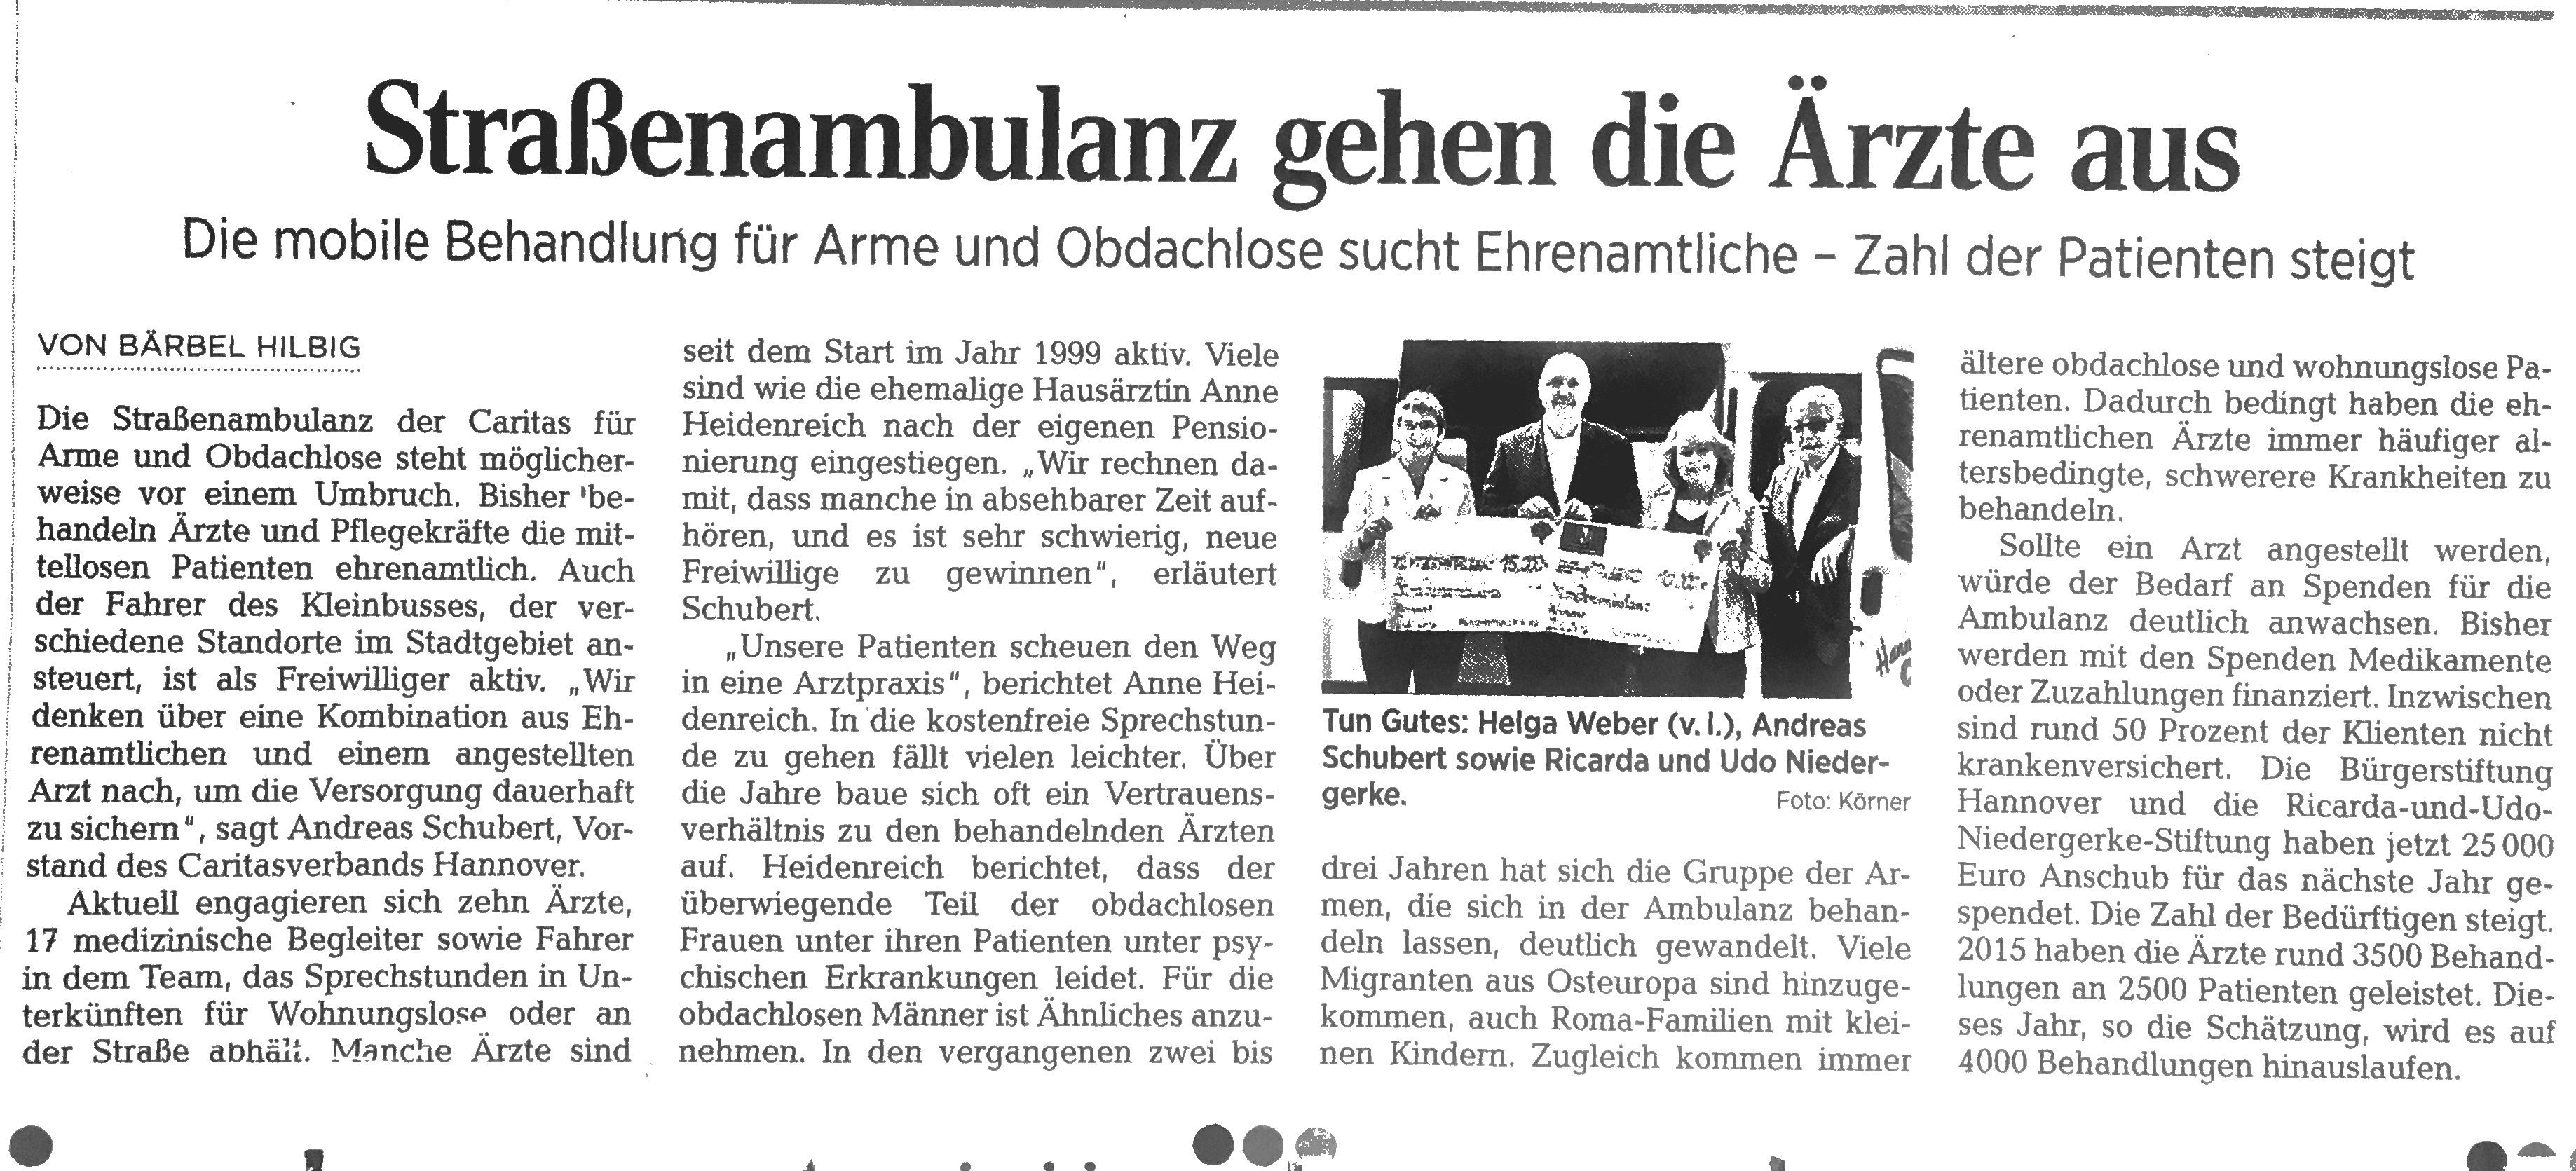 Zeitungsbericht Strassenambulanz Caritas Hannover